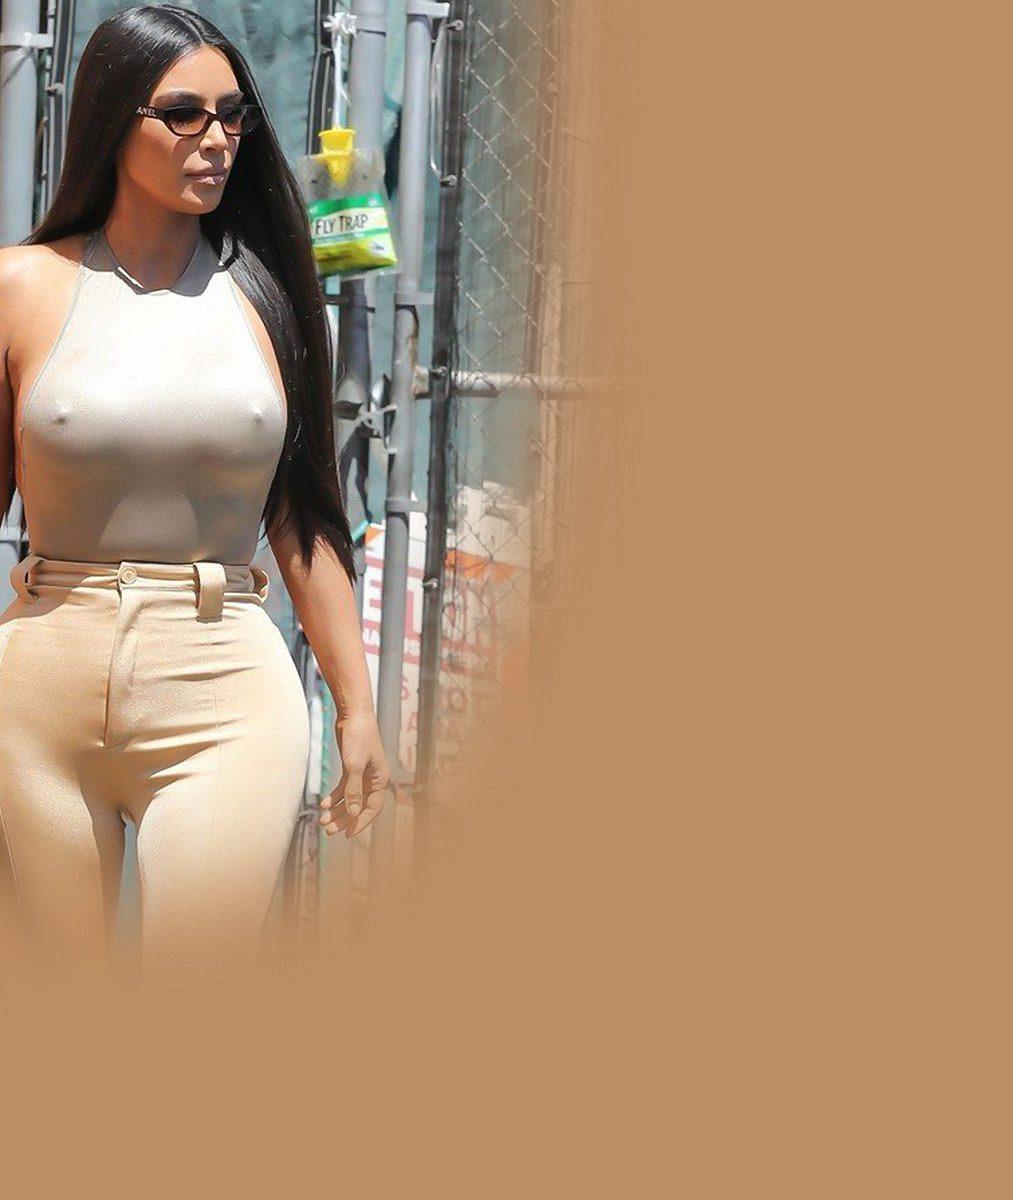 Královna přiléhavých bodýček opět vystavila své přednosti: Kim Kardashian podprsenku nosit nepotřebuje